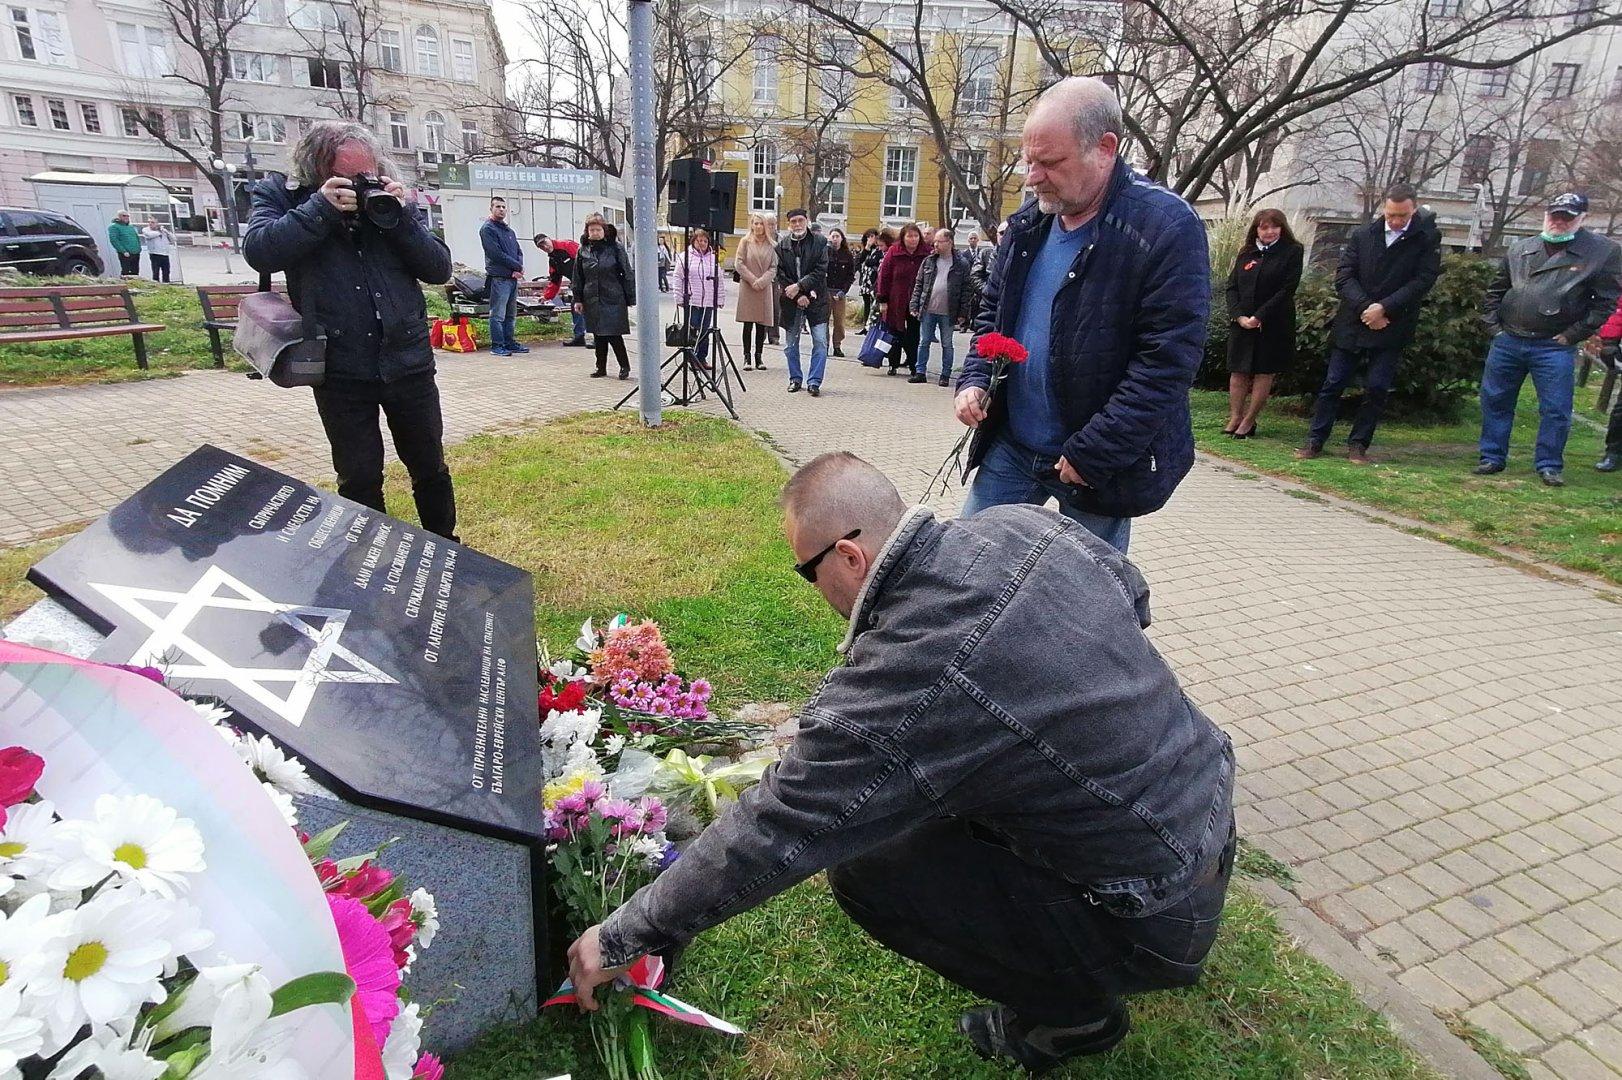 Бургазлии почетоха Деня на спасяването на българските евреи от Холокоста - 10-и март, като поднесоха цветя на паметната плоча в градинката до Часовника. Церемонията бе организирана от Центъра за еврейско-българско сътрудничество Алеф. Снимки Лина Главинова